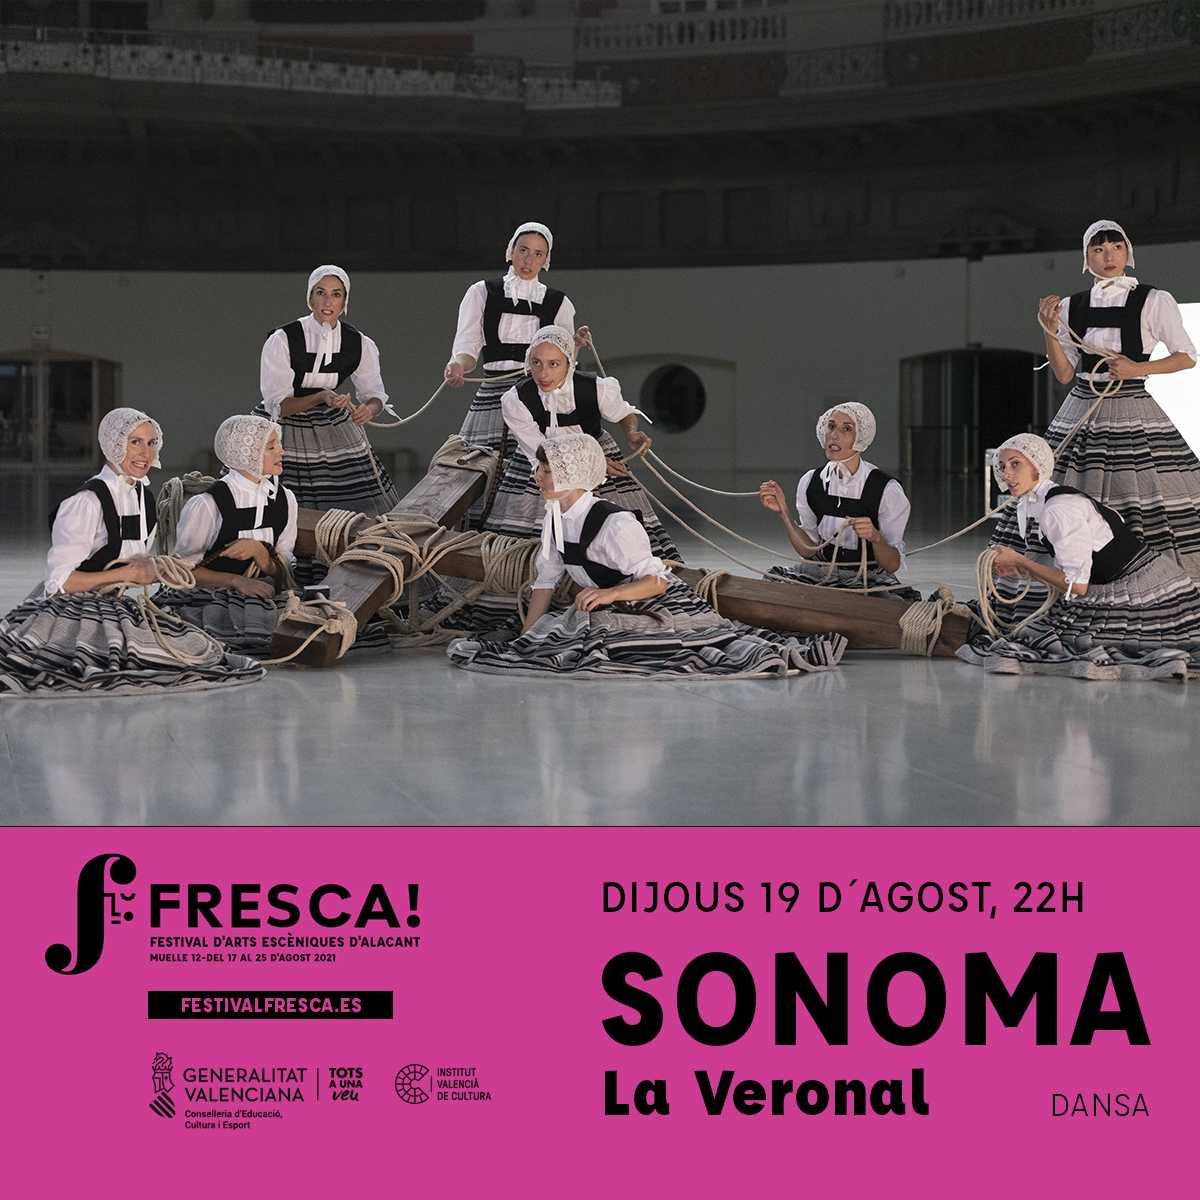 Festival Internacional d'Arts Escèniques Fresca!, à Muelle 12